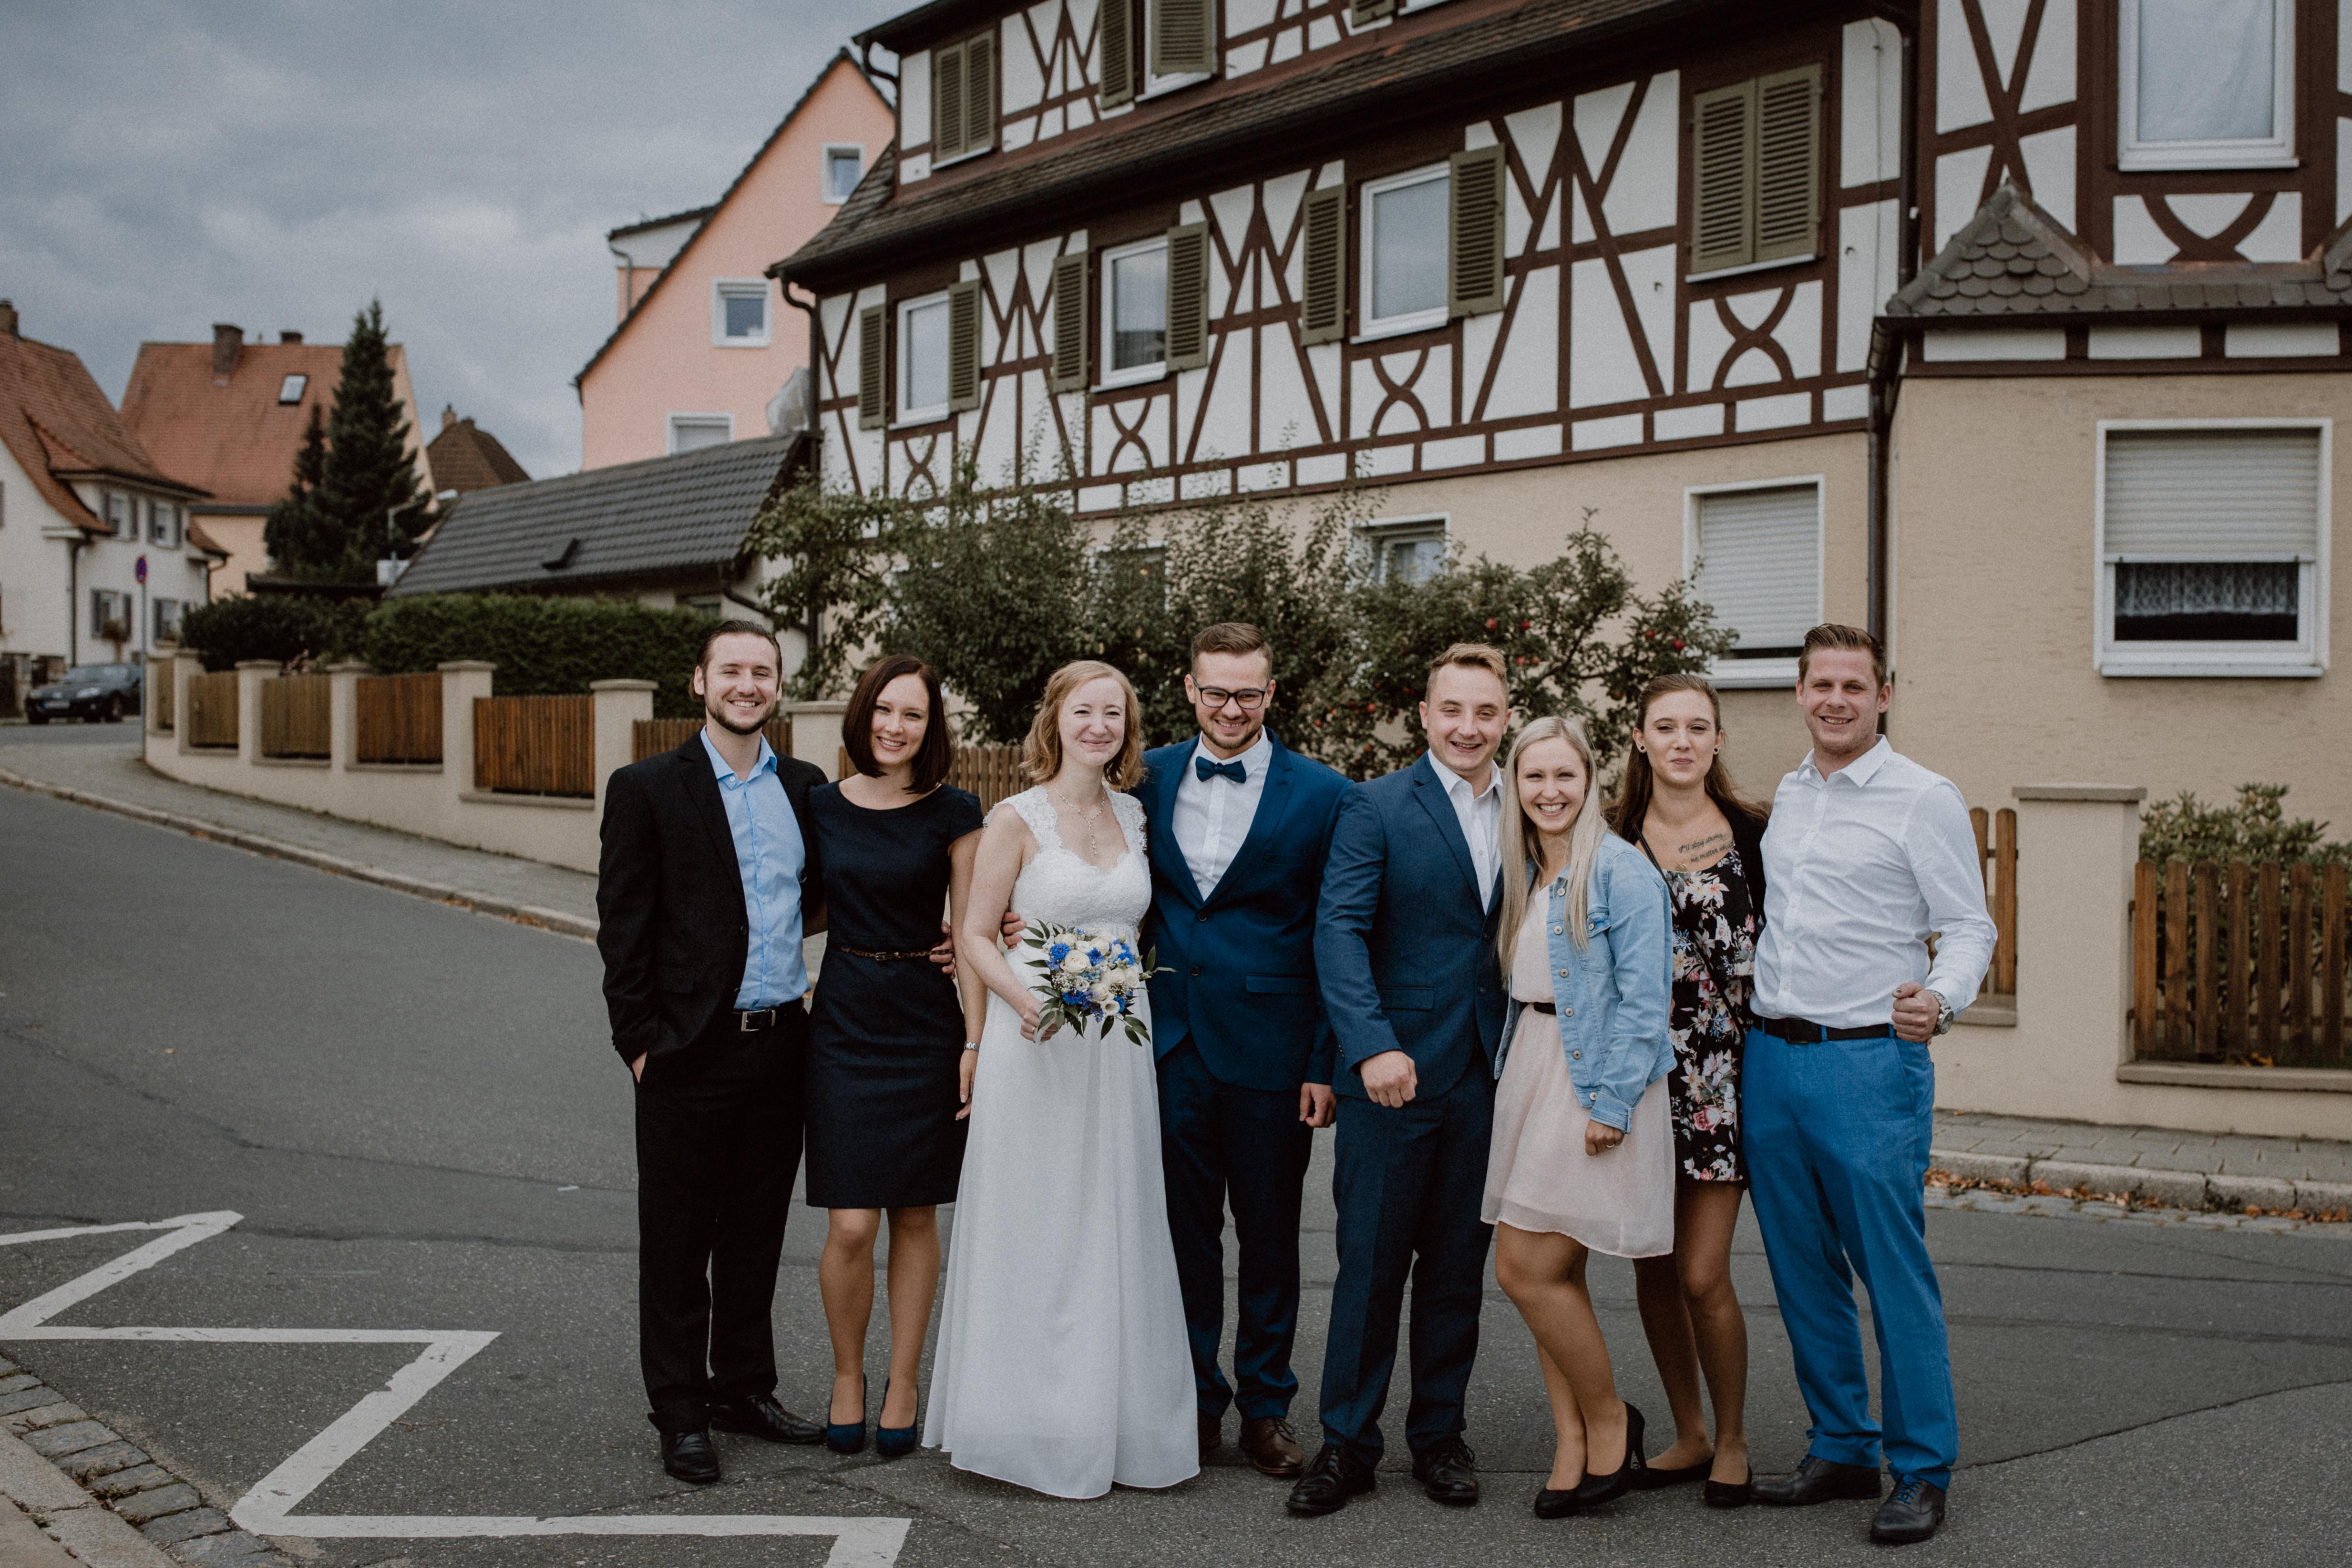 URBANERIE_Daniela_Goth_Hochzeitsfotografin_Nürnberg_Fürth_Erlangen_Schwabach_17907_0333